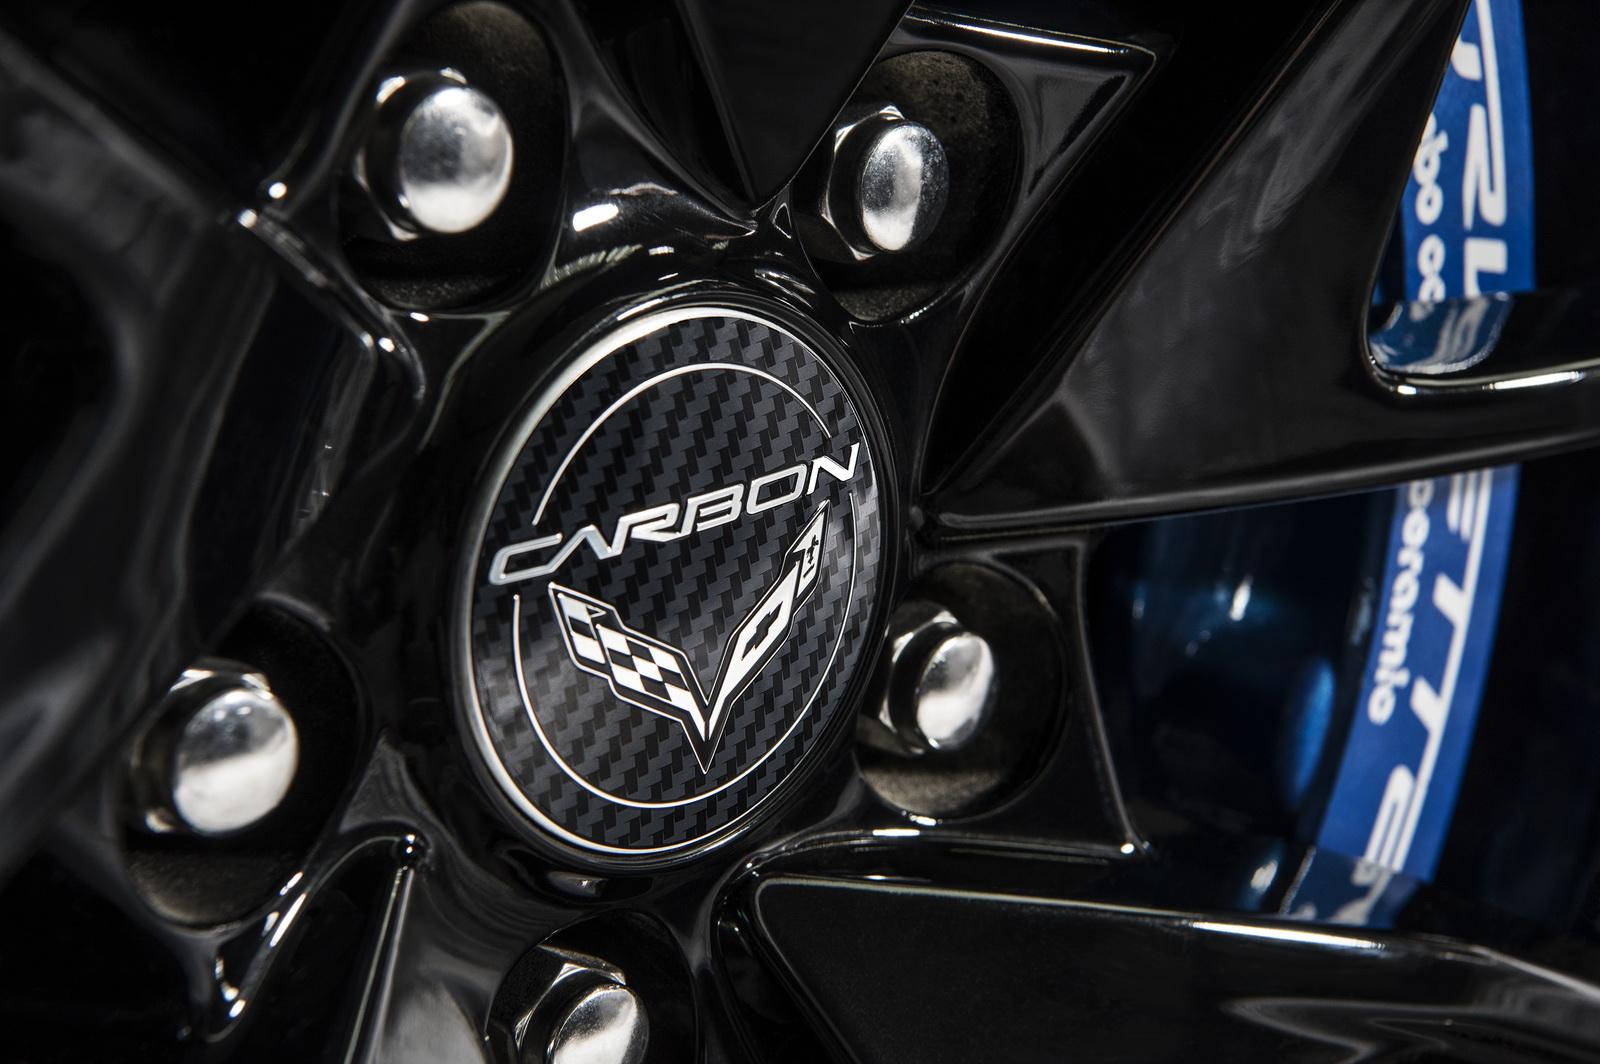 chevrolet-corvette-carbon-65-edition-limitovana-edice